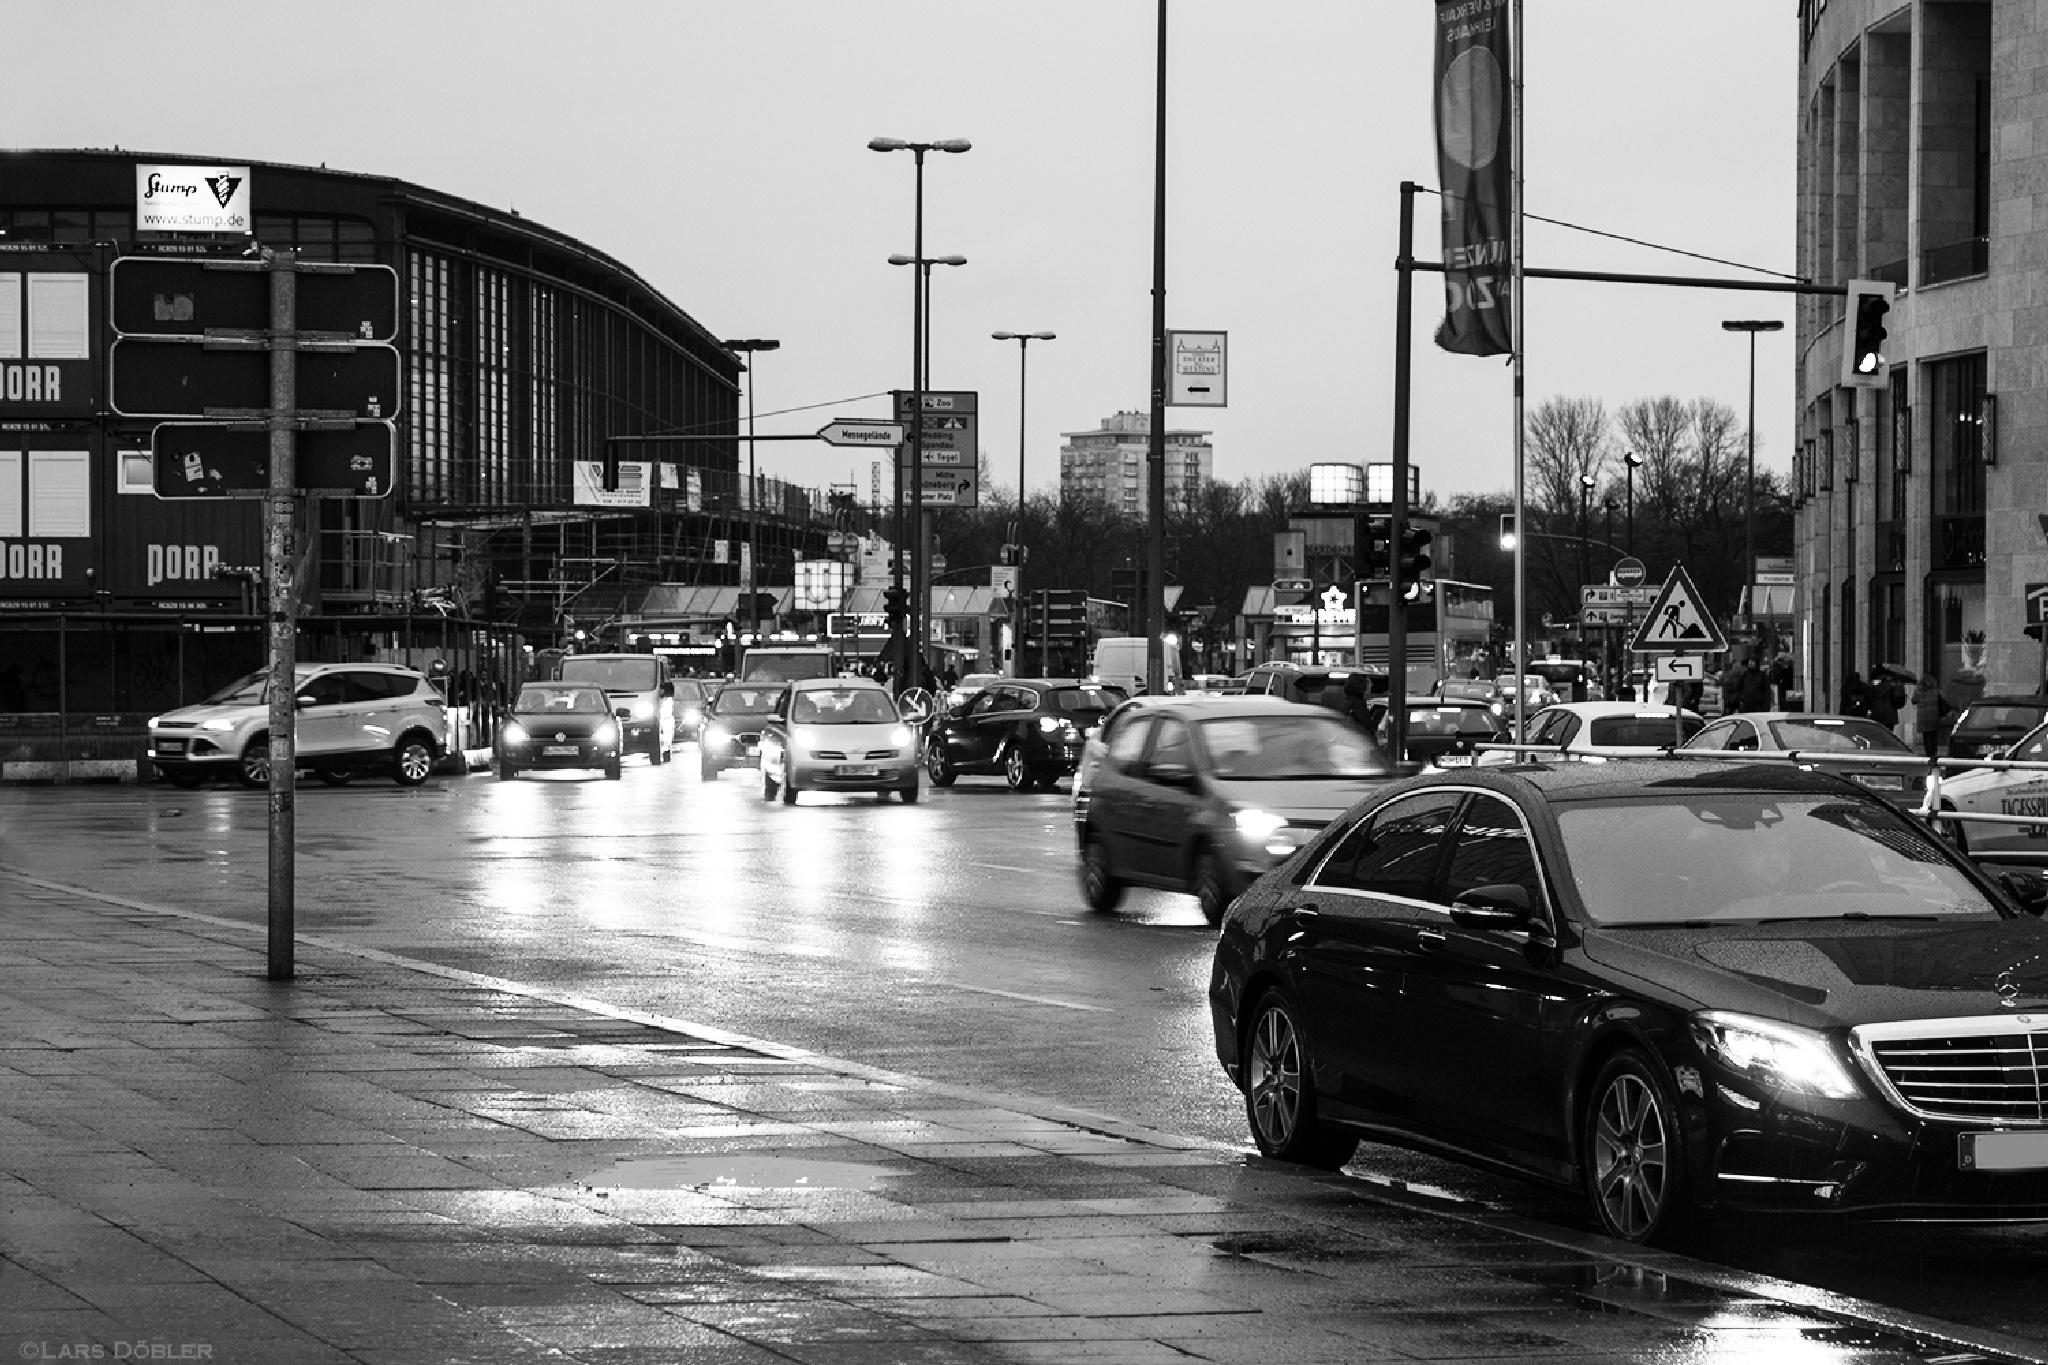 Street Berlin by LarsDoebler